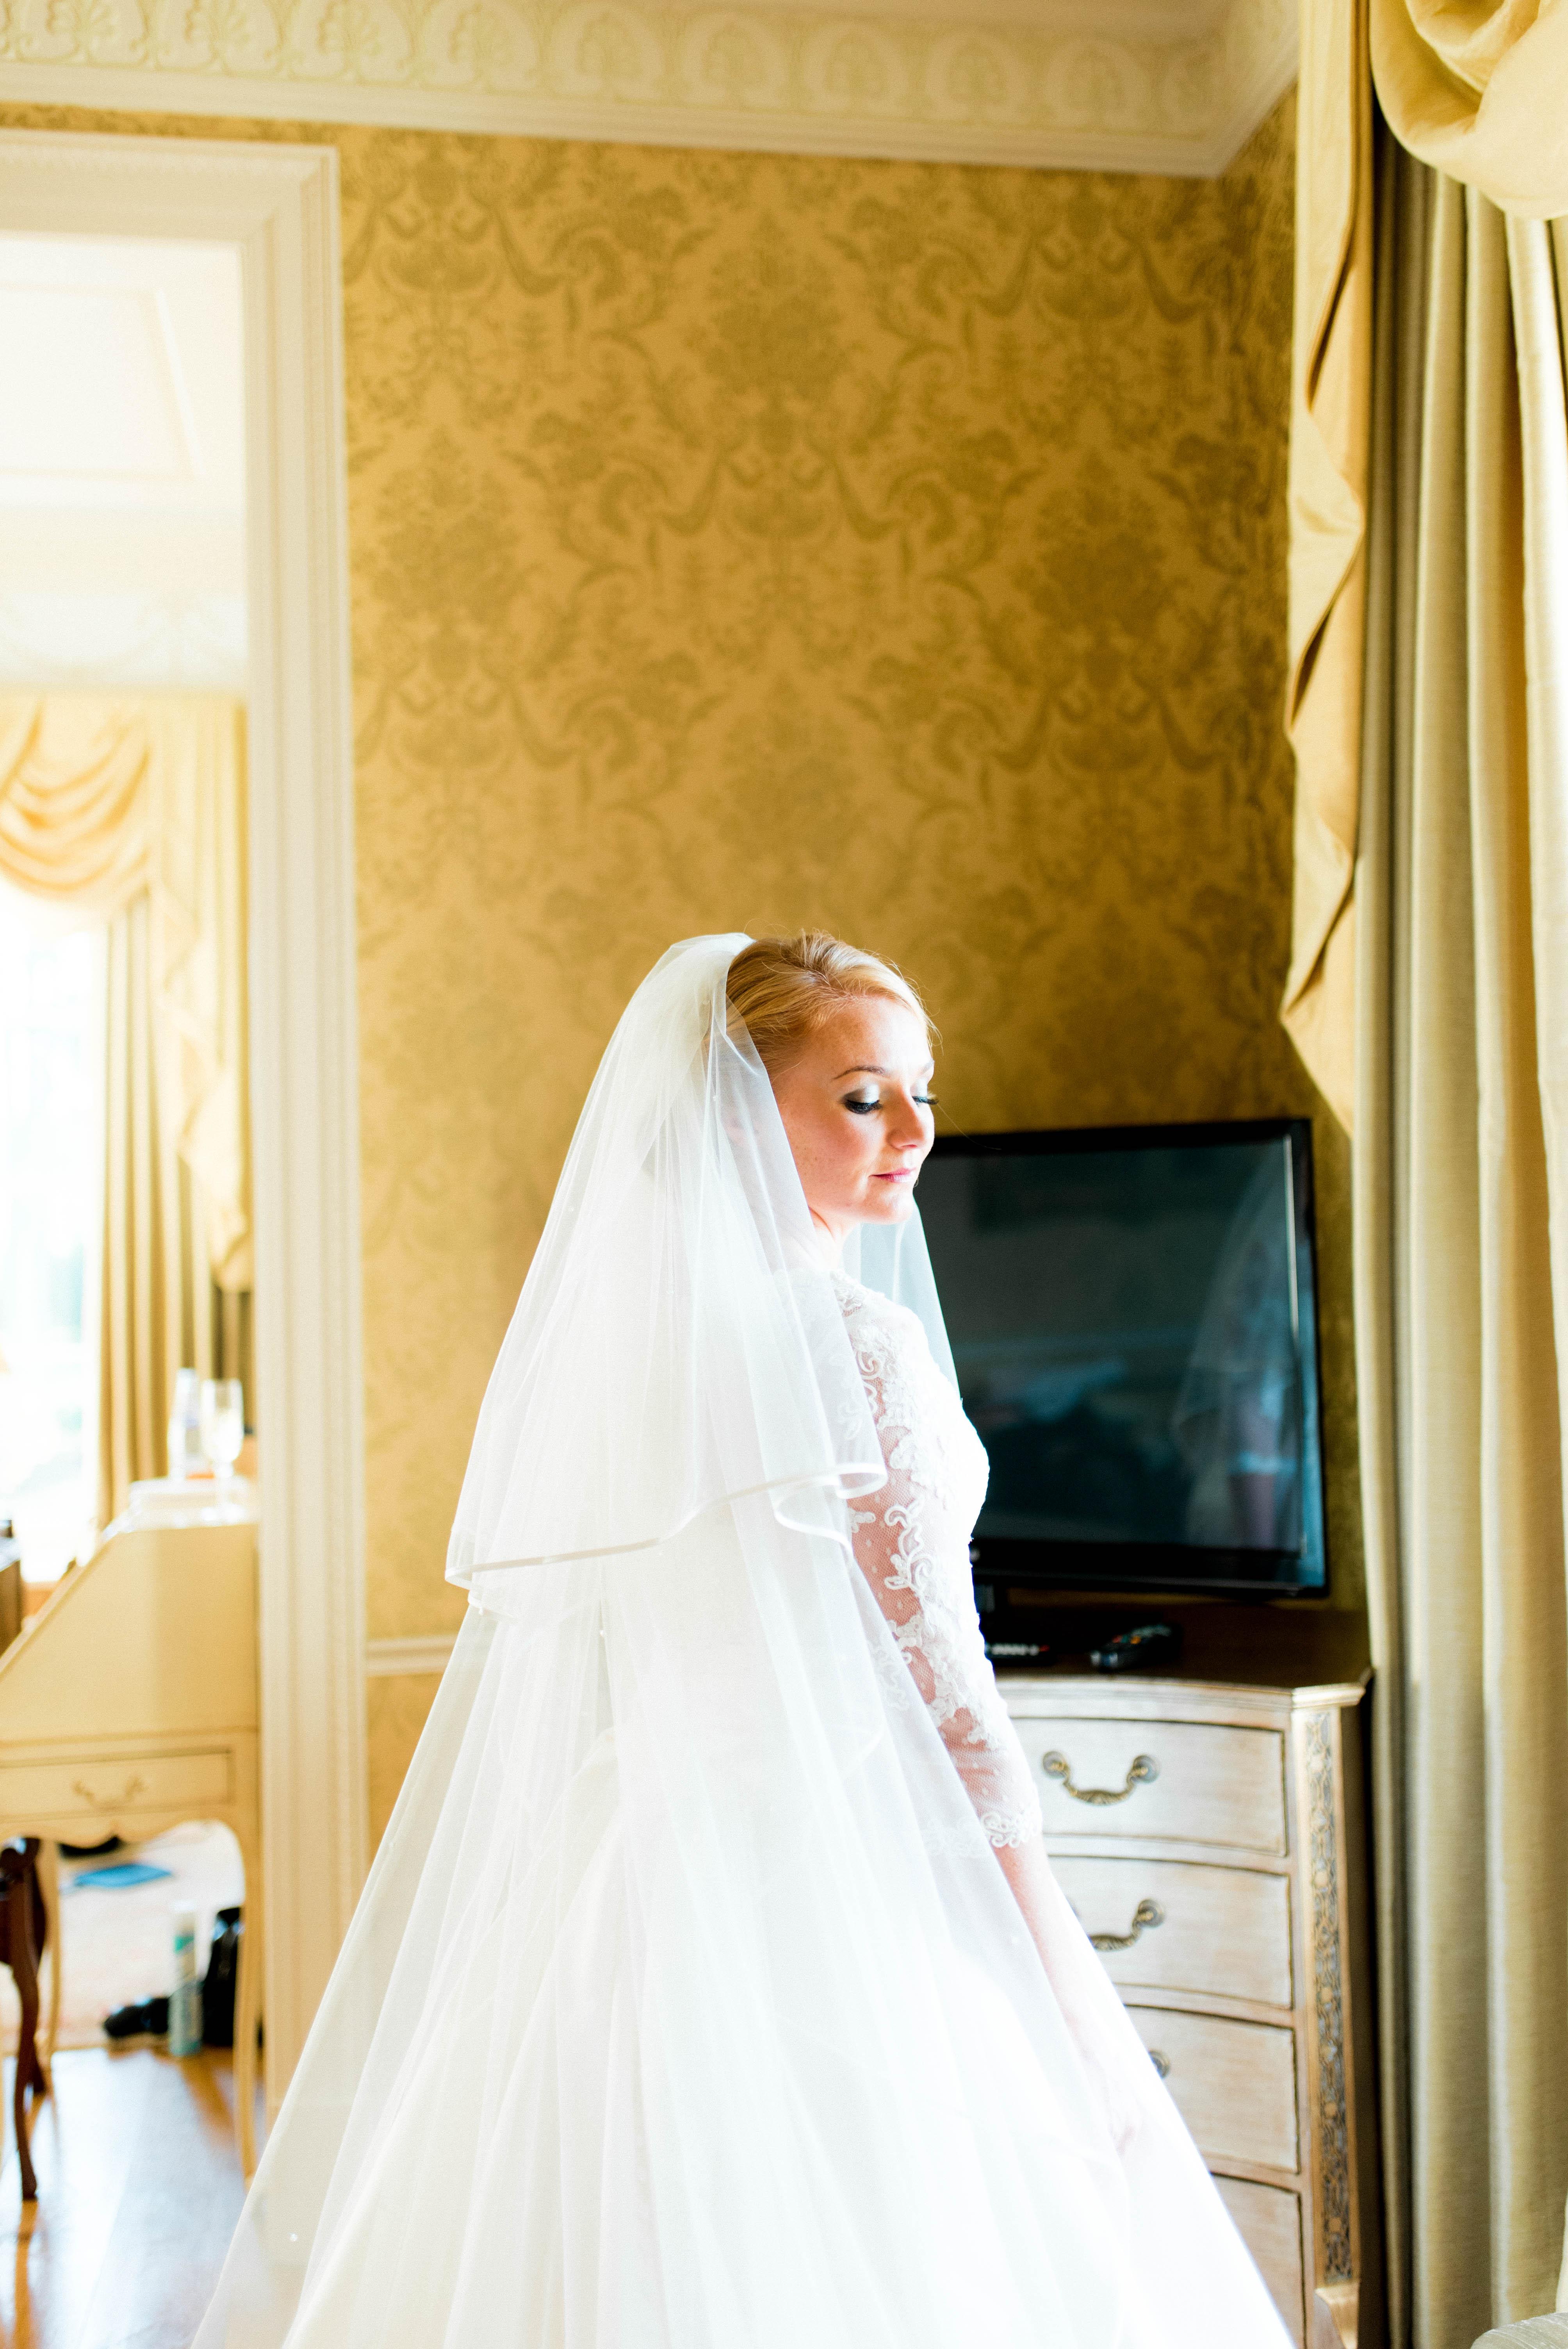 light bright wedding photography ukw